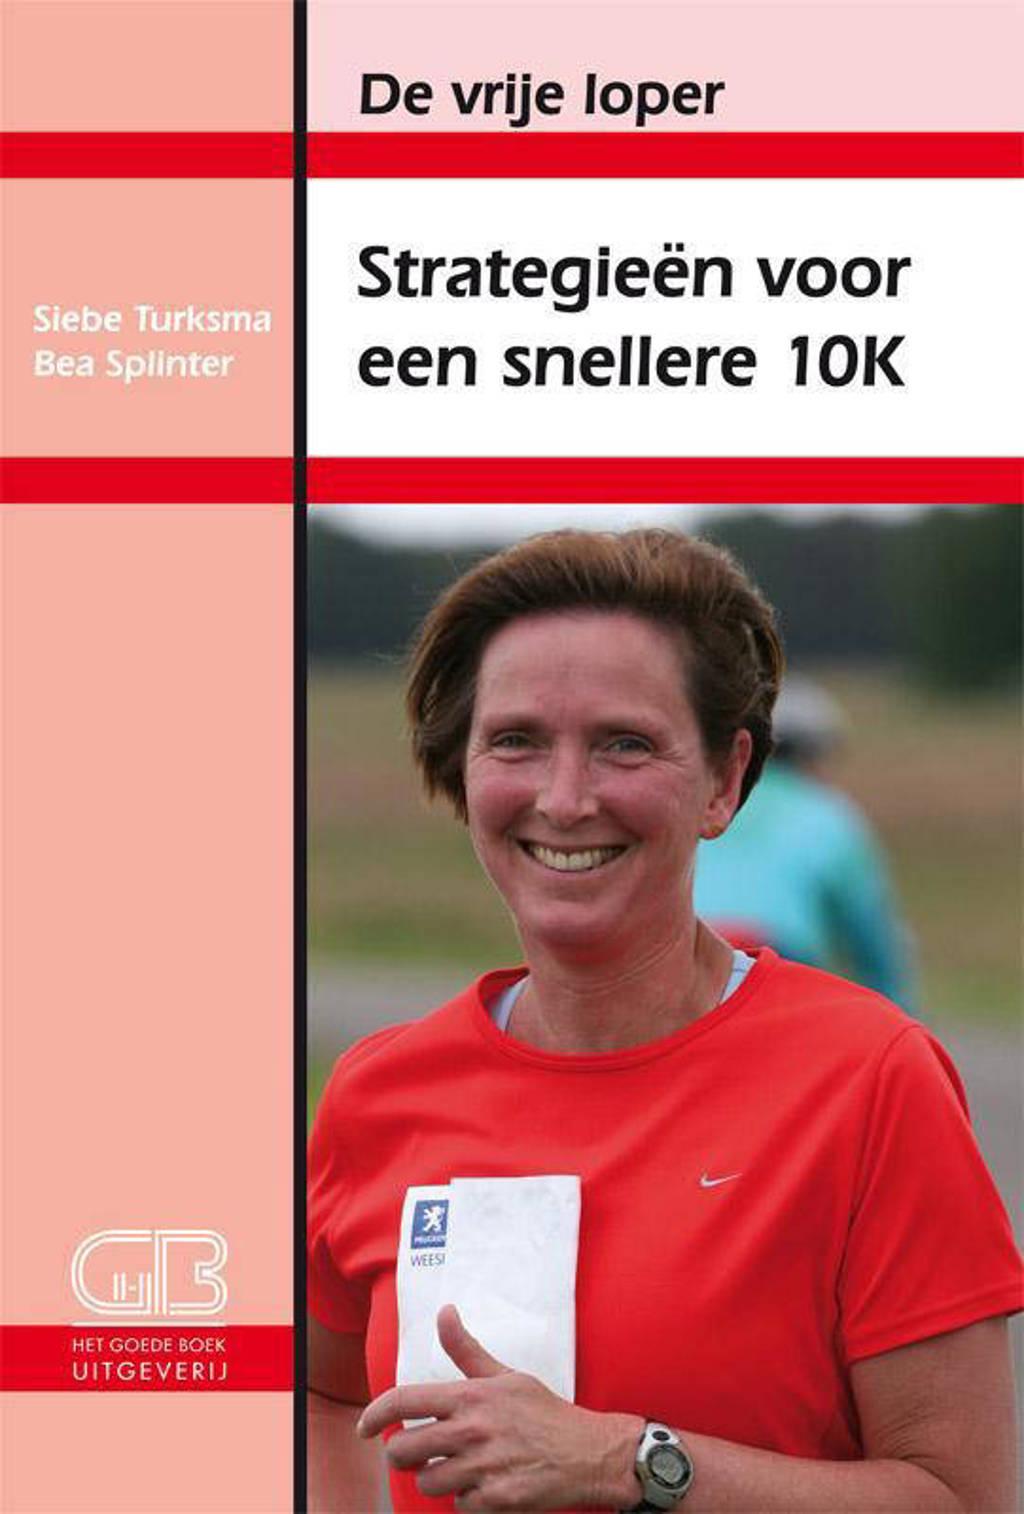 De vrije loper: Strategieen voor een snellere 10k - Siebe Turksma en Bea Splinter